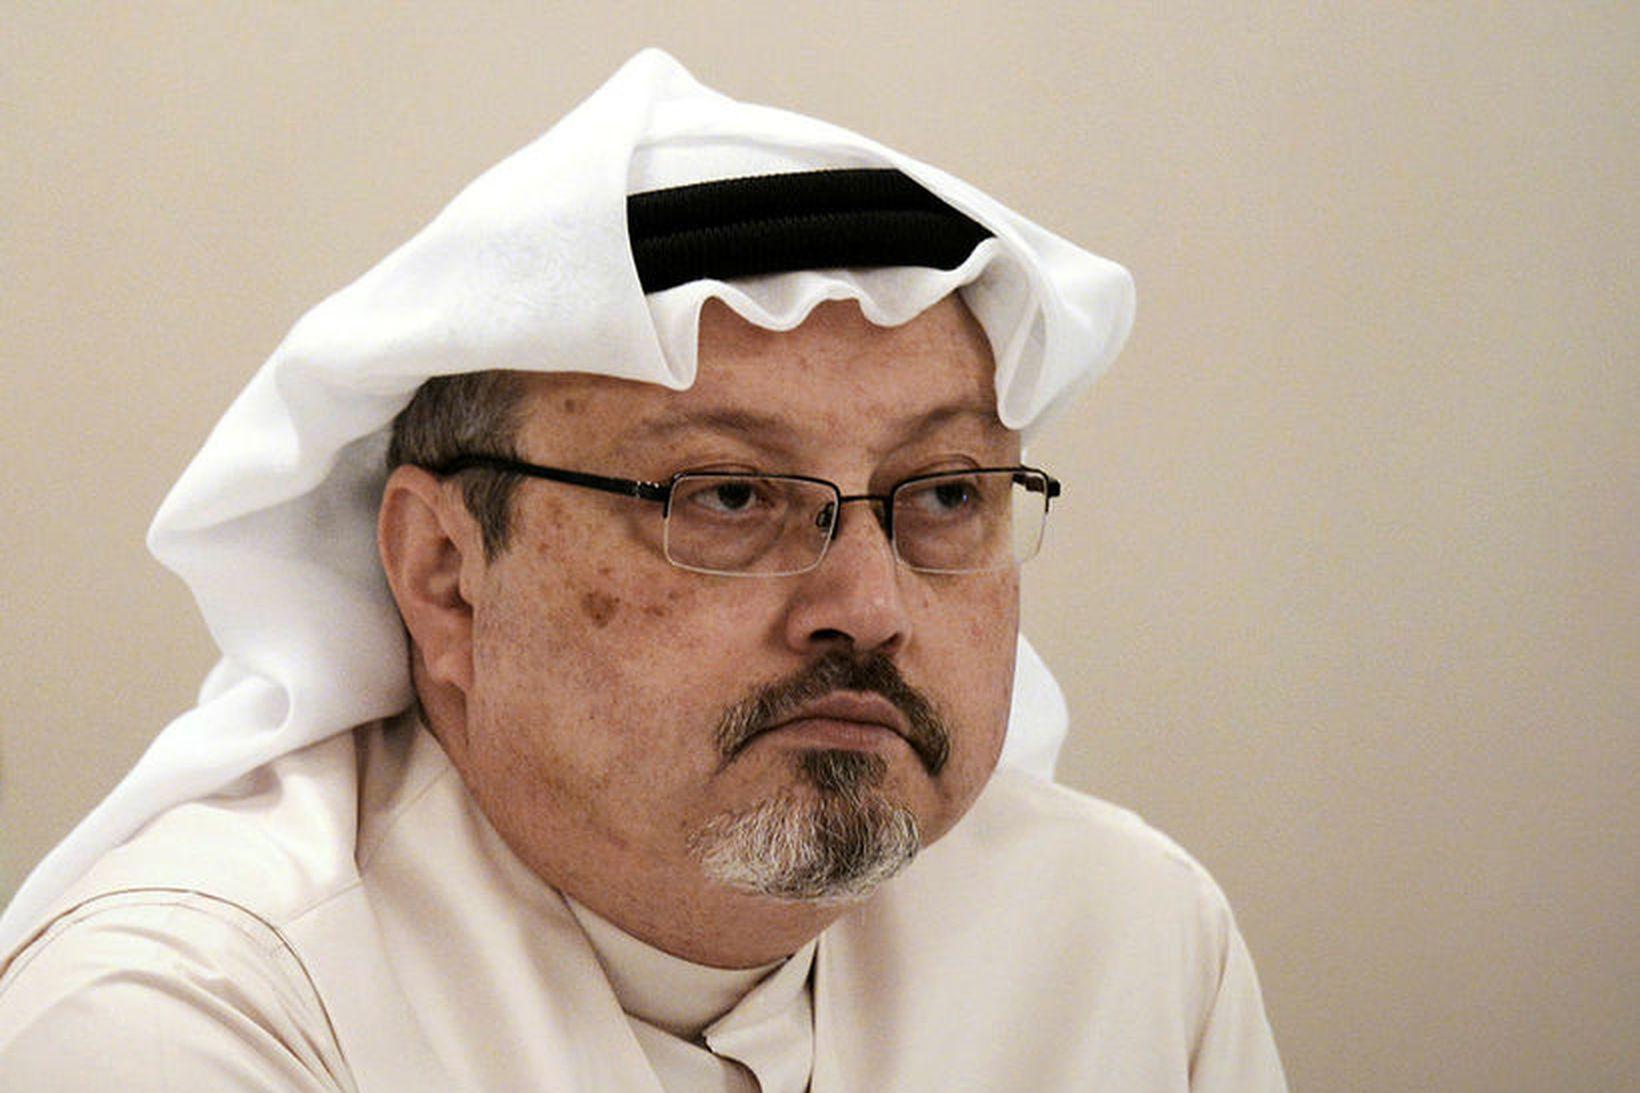 Sádiarabíski blaðamaðurinn Jamal Khashoggi var drepinn á ræðismannaskrifstofu heimalands síns …